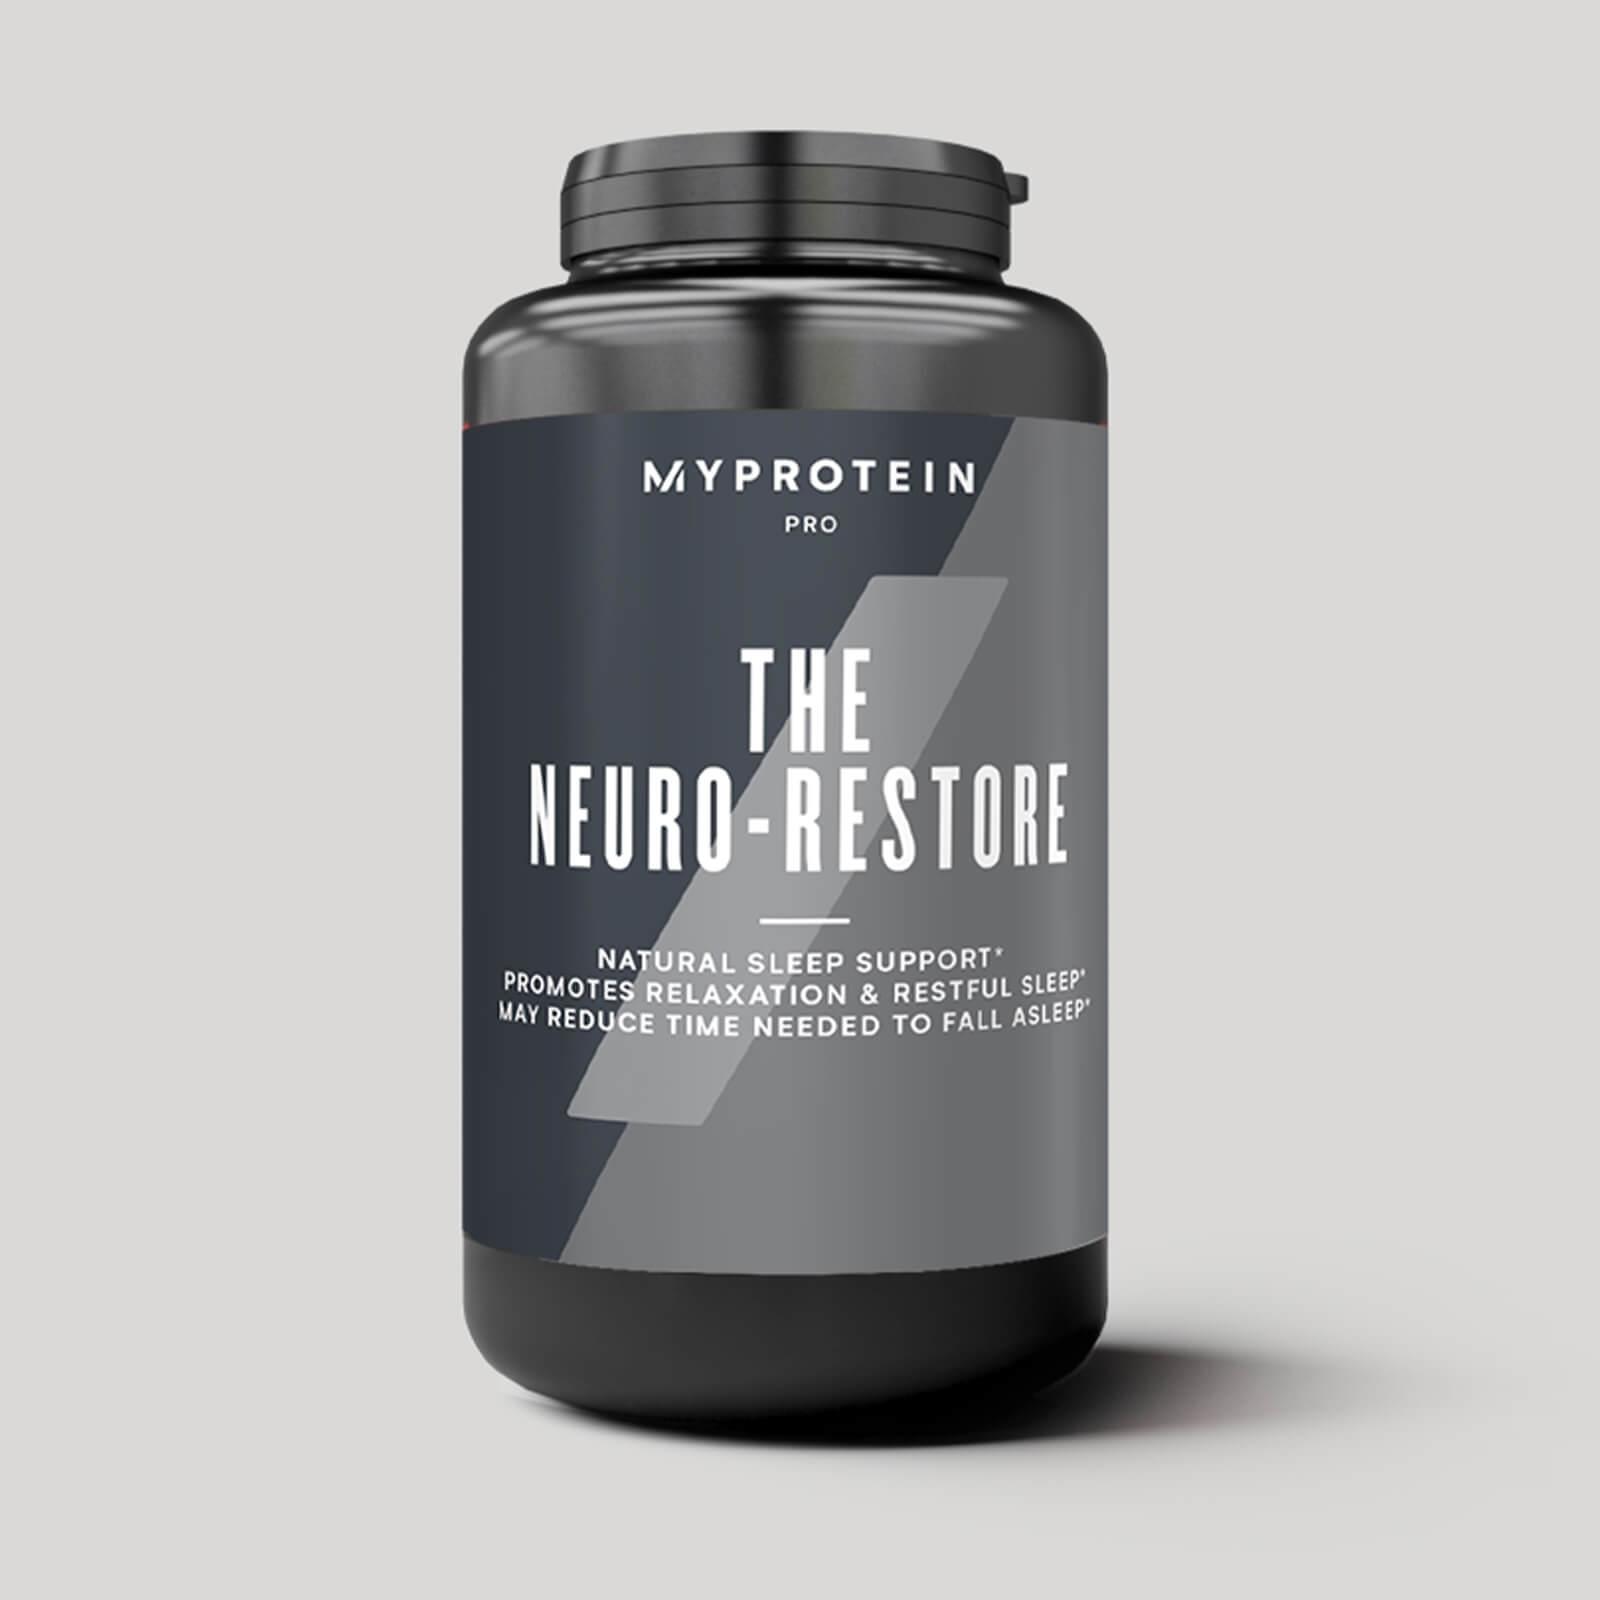 THE Neuro Restore